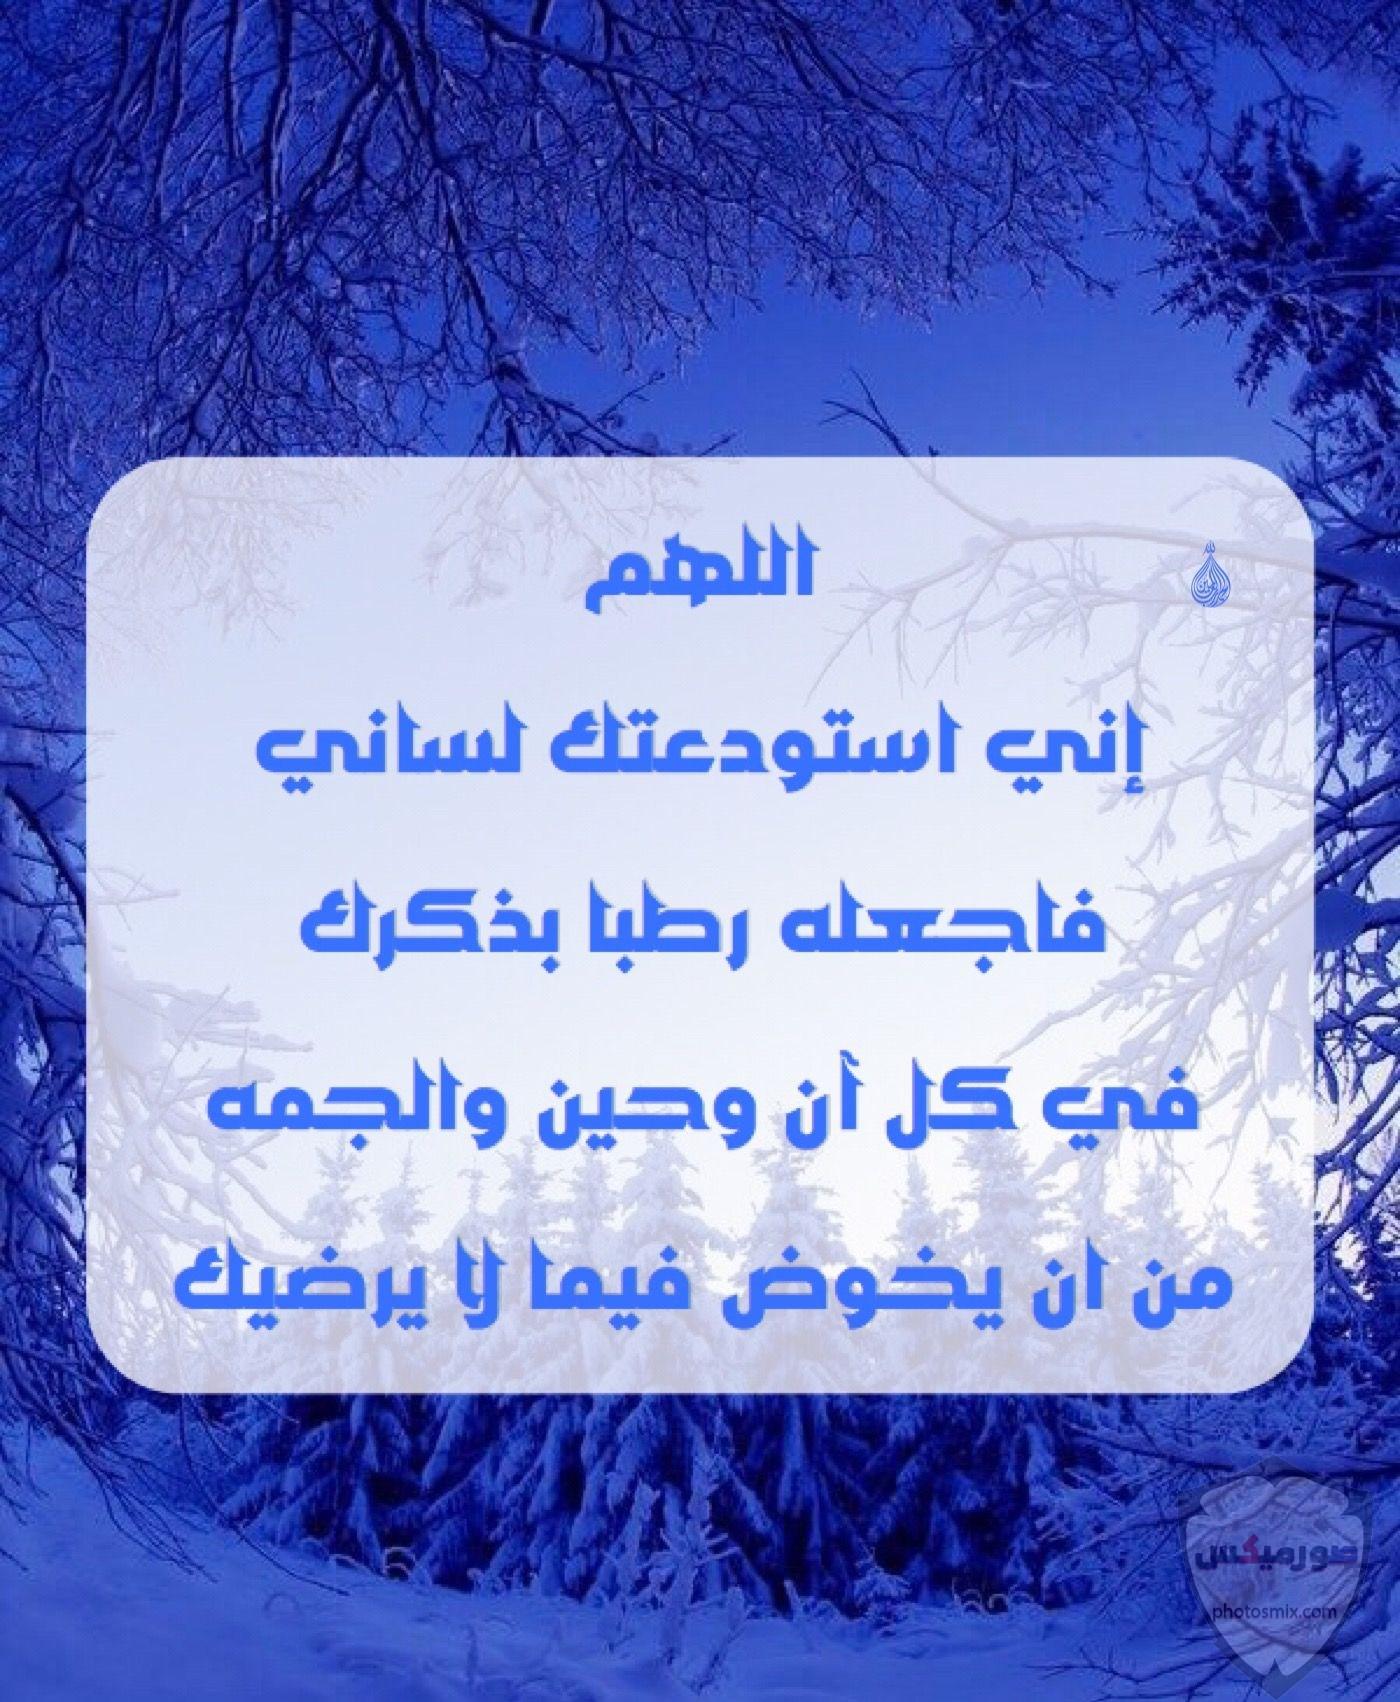 صور قرآن جميلة صور دعاء ادعية مصور صور وخلفيات مكتوب عليها الله 9